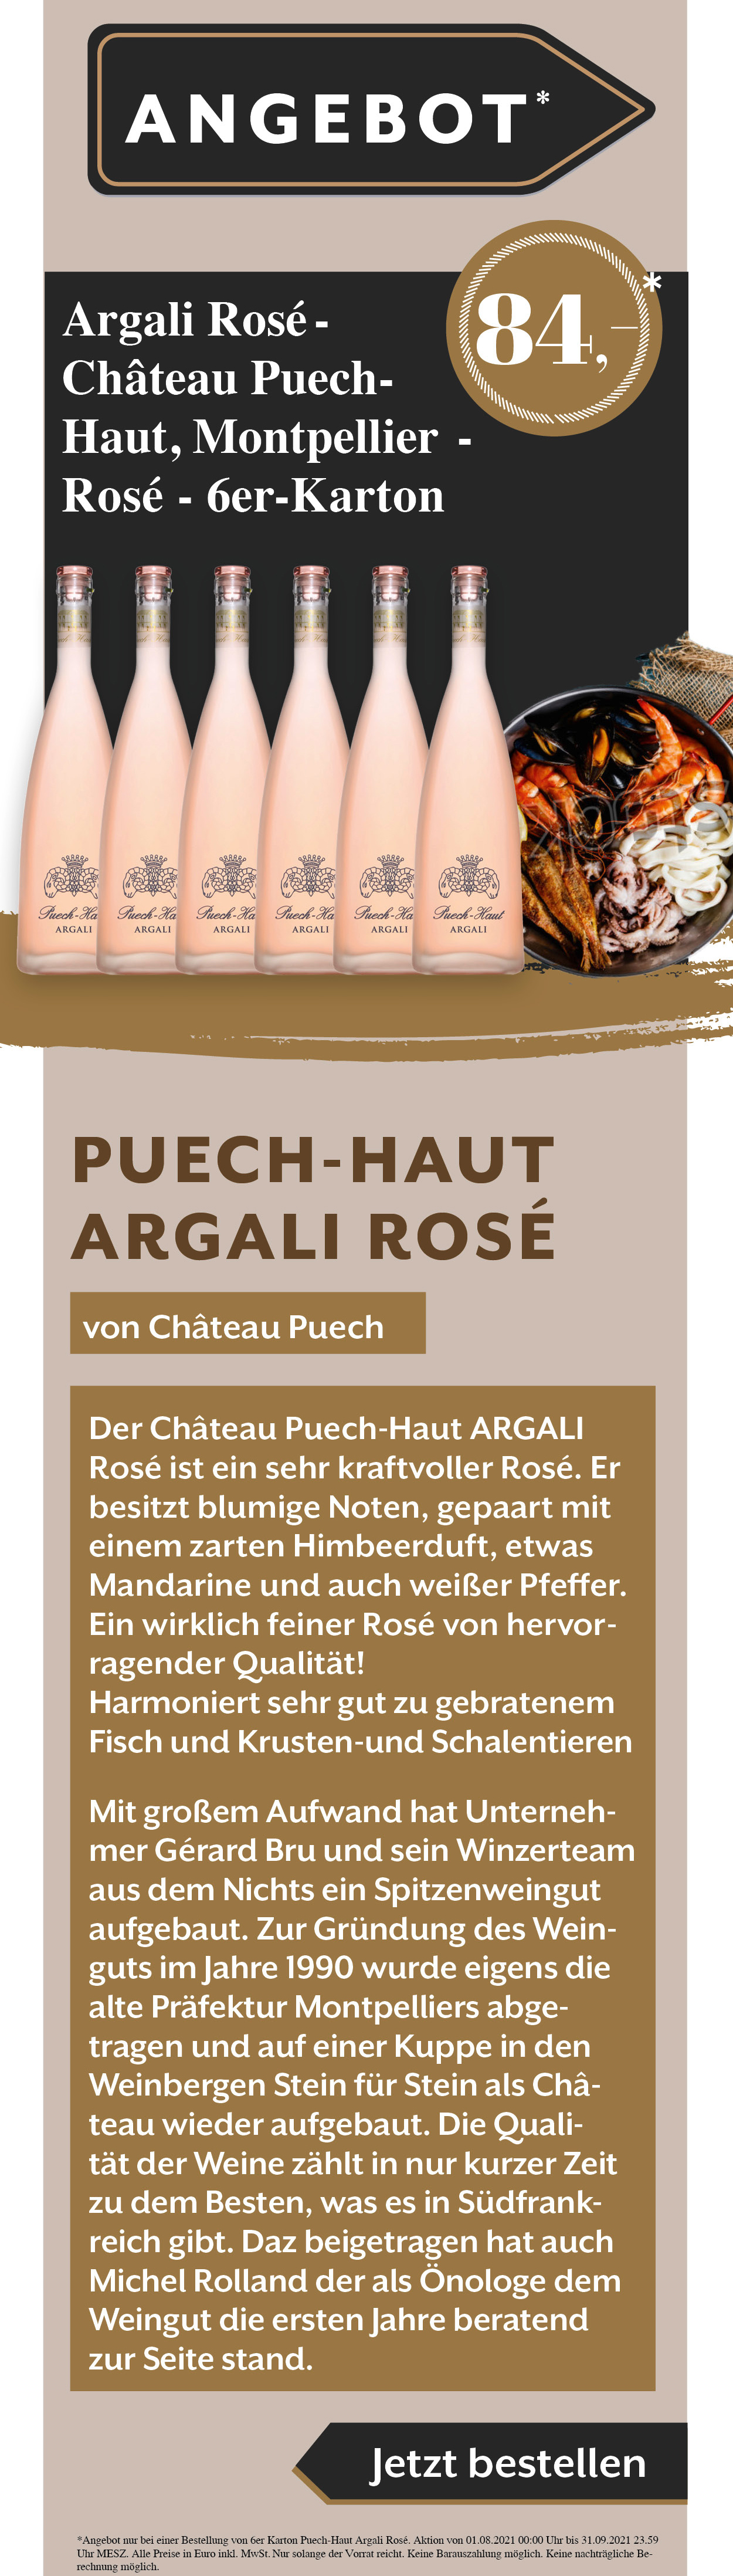 Wein Puech Haut Angebot Rabatt Weißwein Rotwein Rose Argali Gault Millau Weinguide